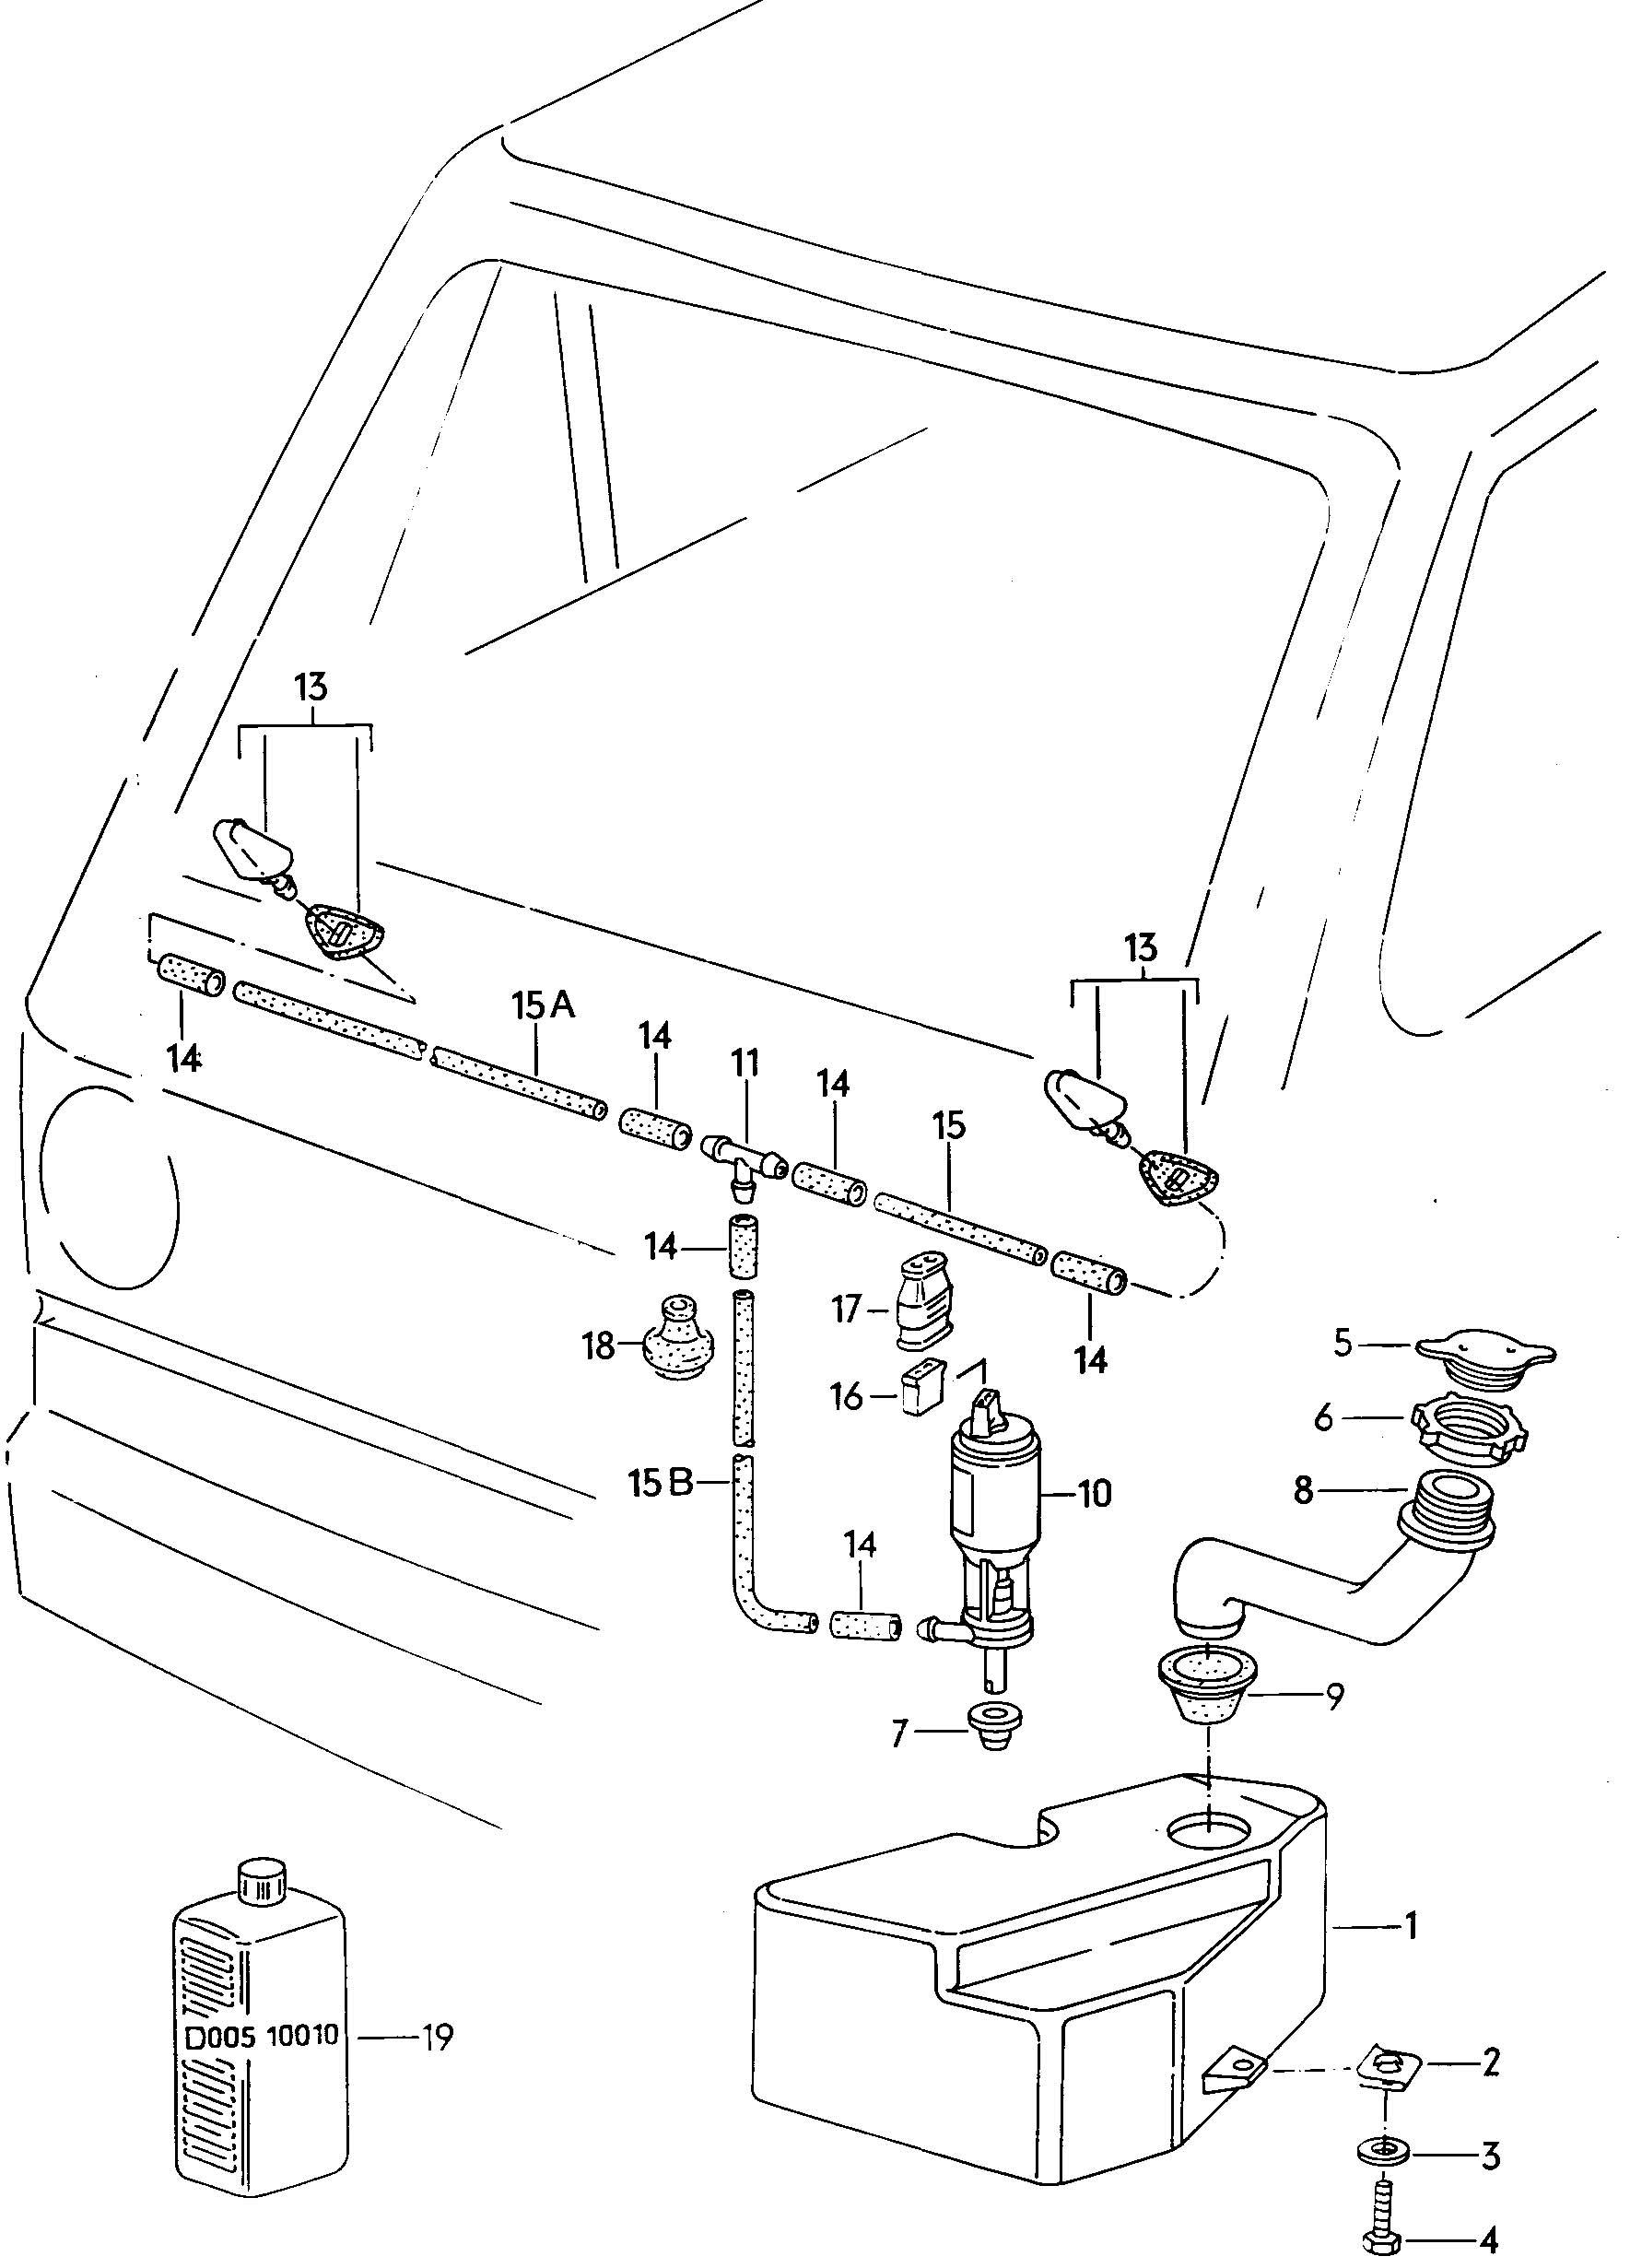 1980 Volkswagen Vanagon Windshield washer unit